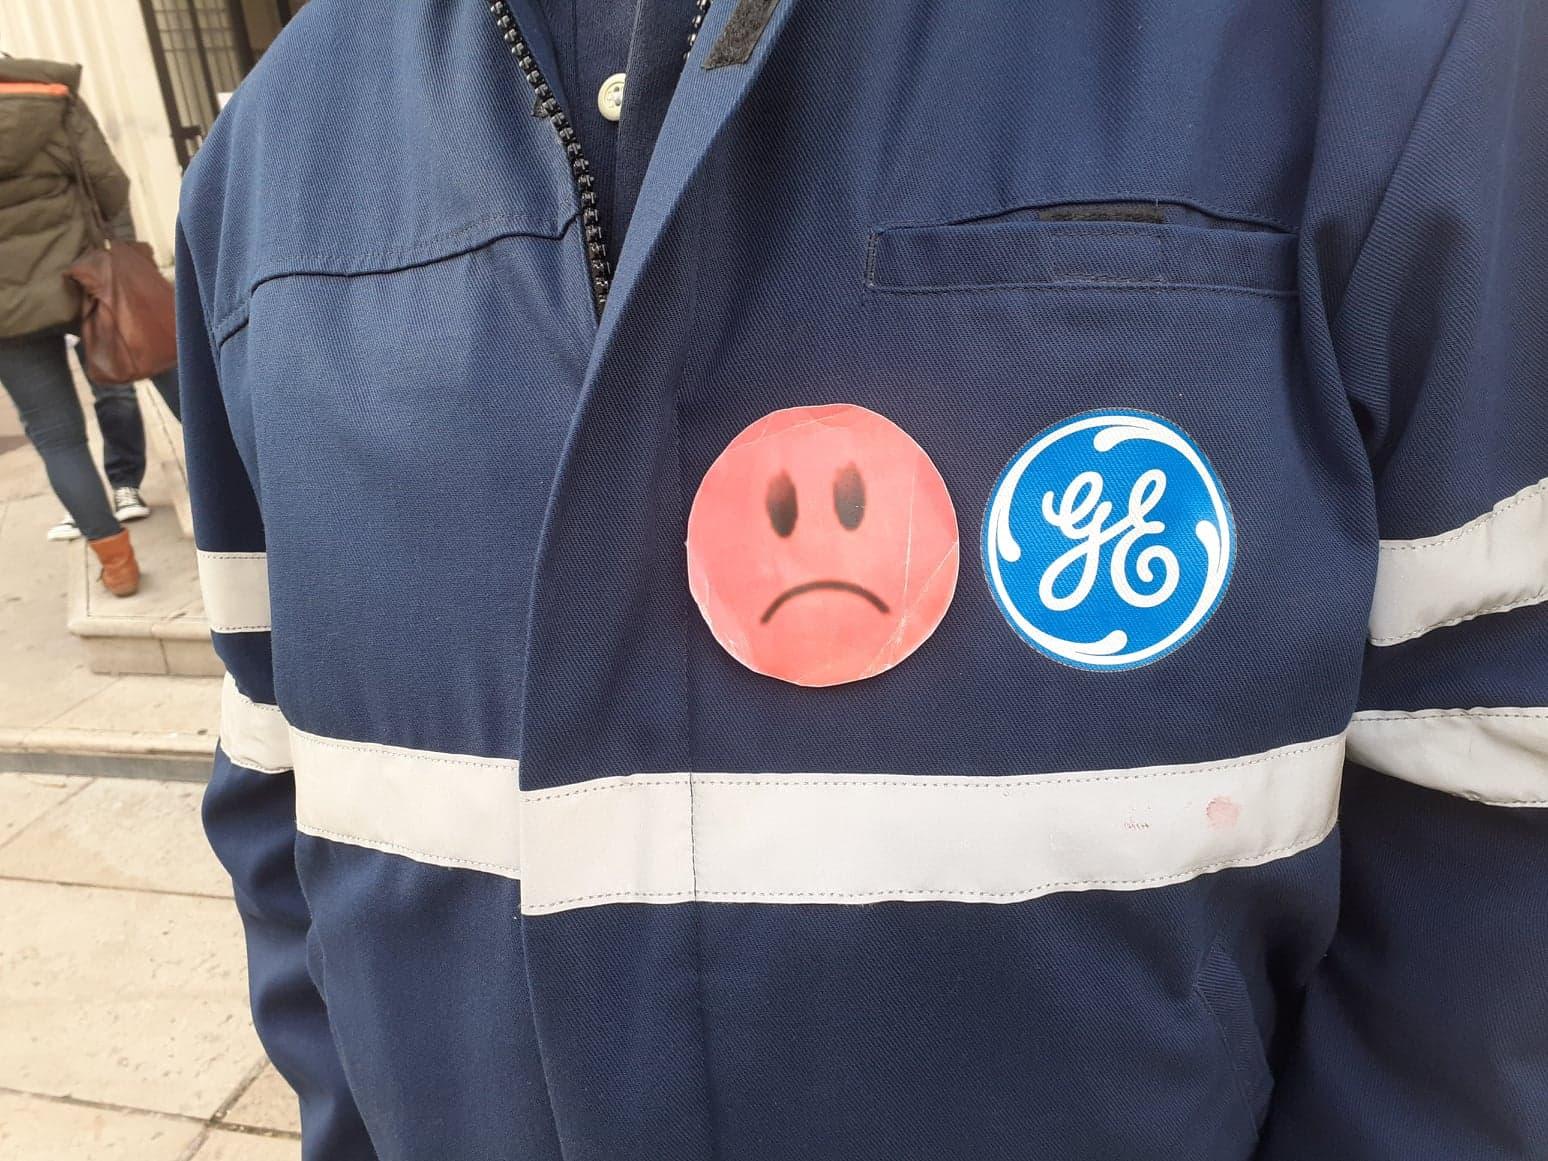 General Electric : À Villeurbanne, des Stocks-Options qui ne passent pas